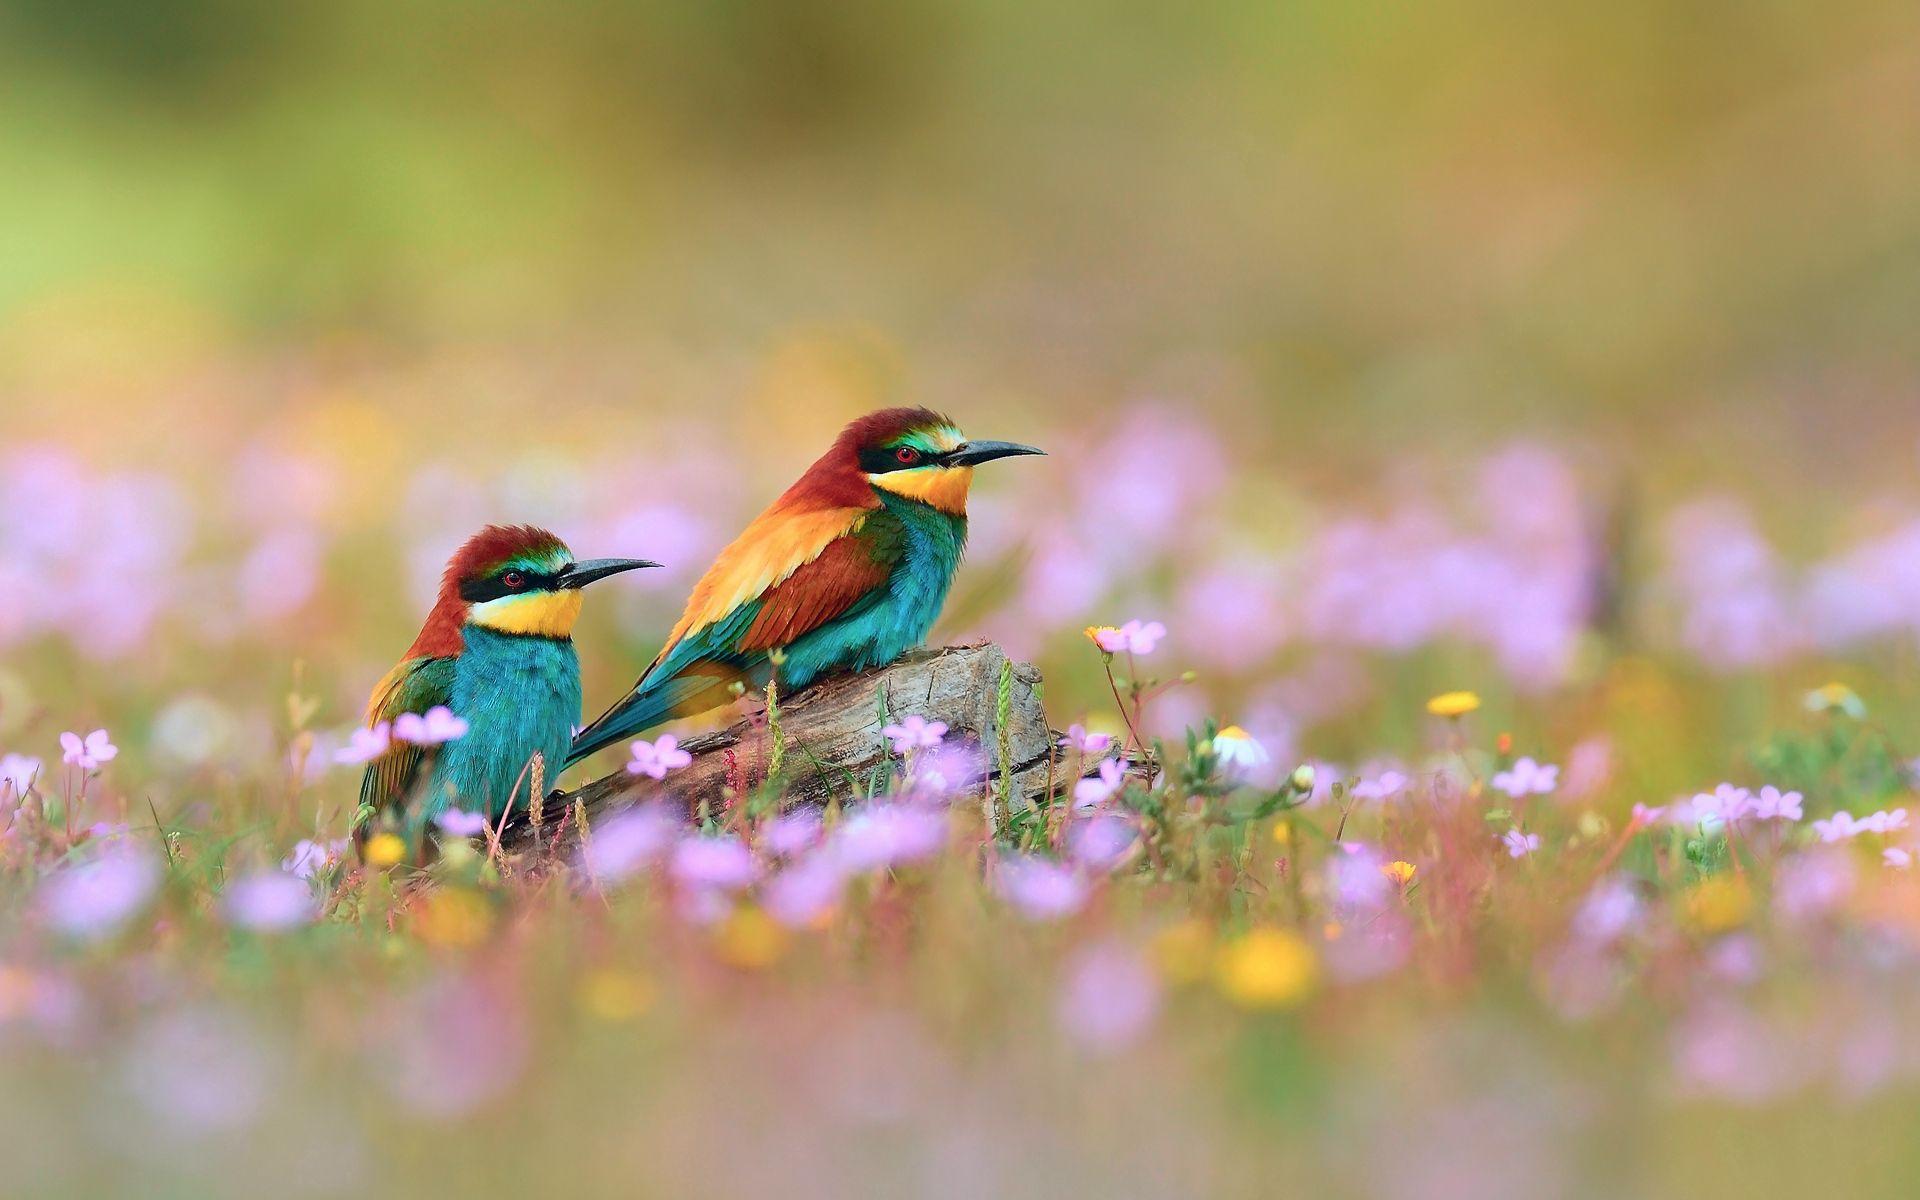 125544 Заставки и Обои Птицы на телефон. Скачать Птицы, Животные, Цветы, Трава, Размытость, Поле картинки бесплатно